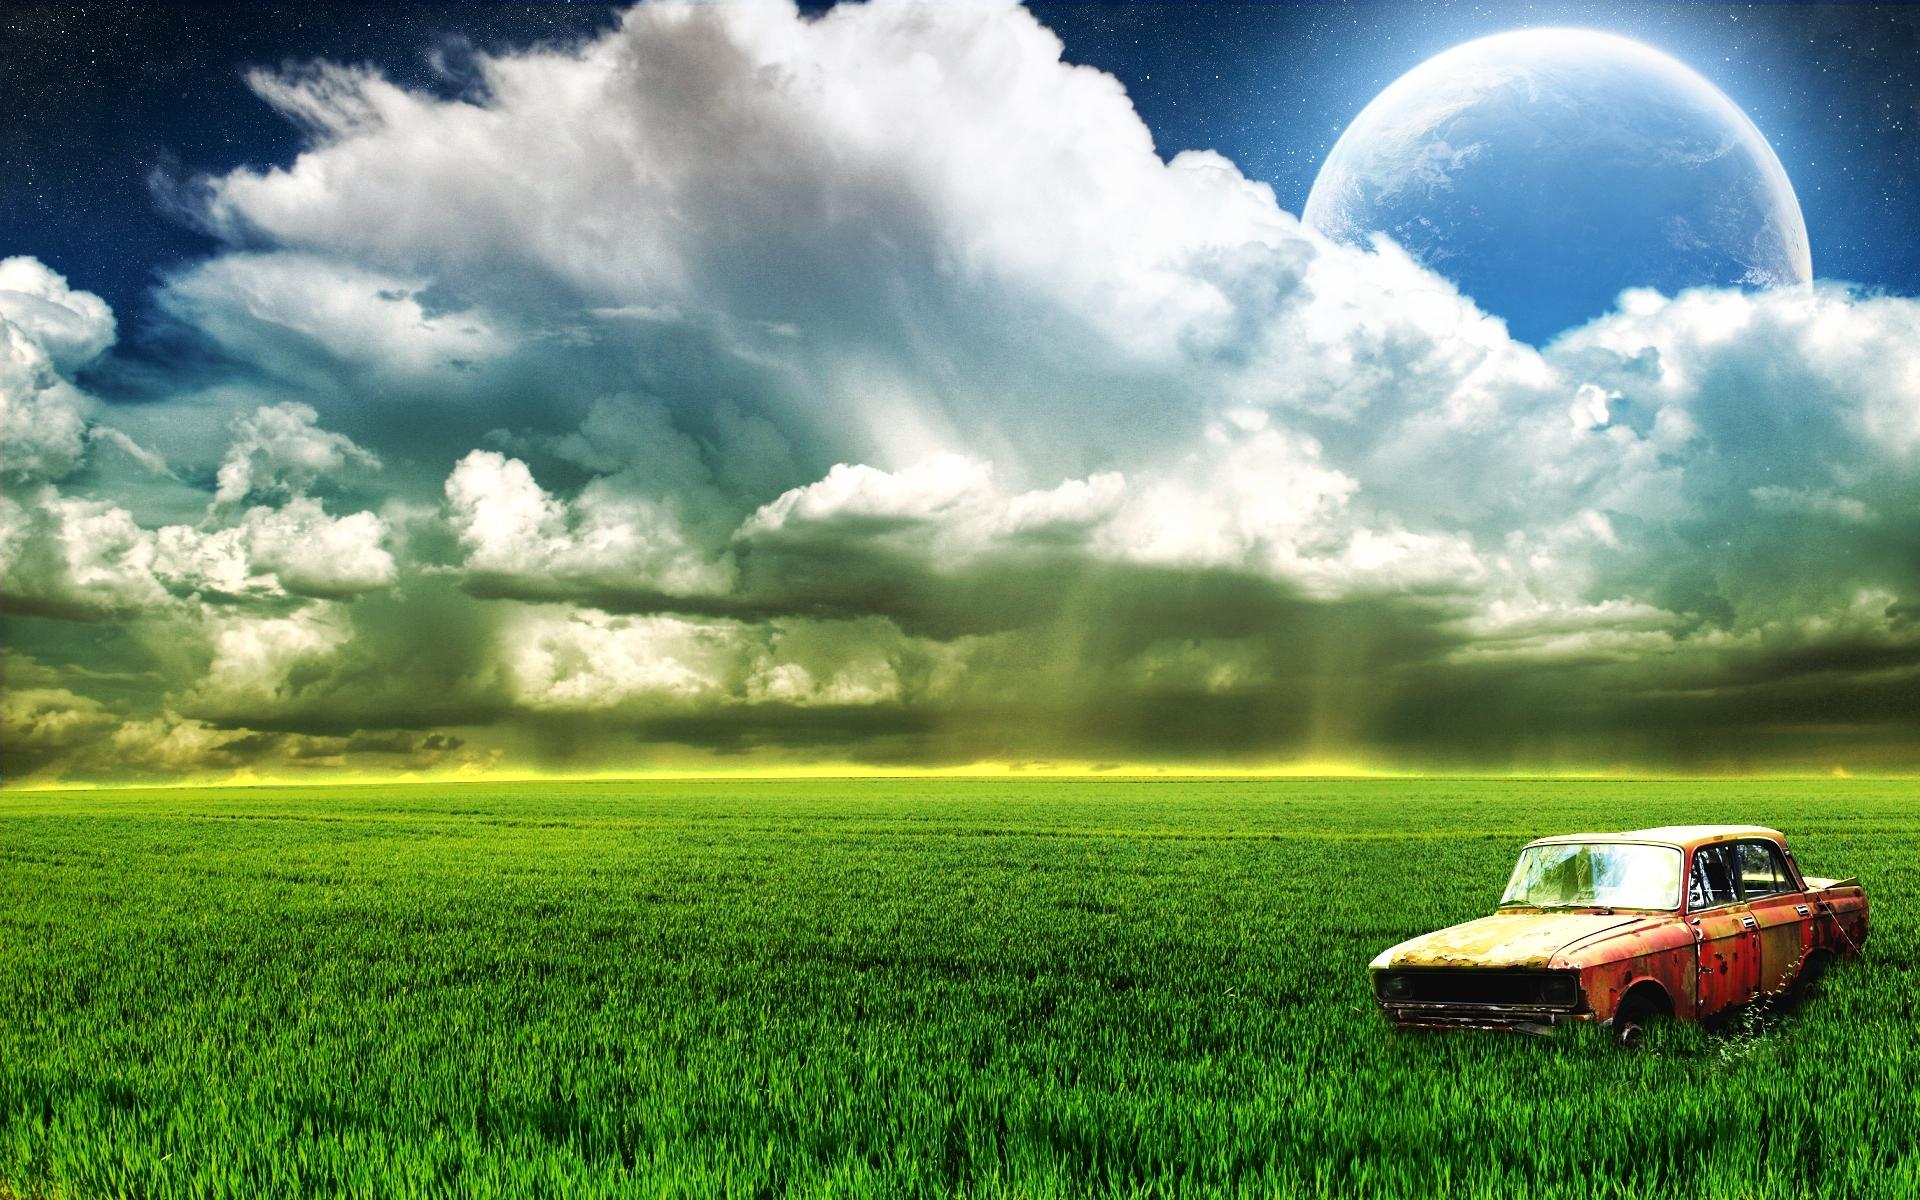 6842 скачать обои Пейзаж, Машины, Трава, Планеты, Москвич - заставки и картинки бесплатно